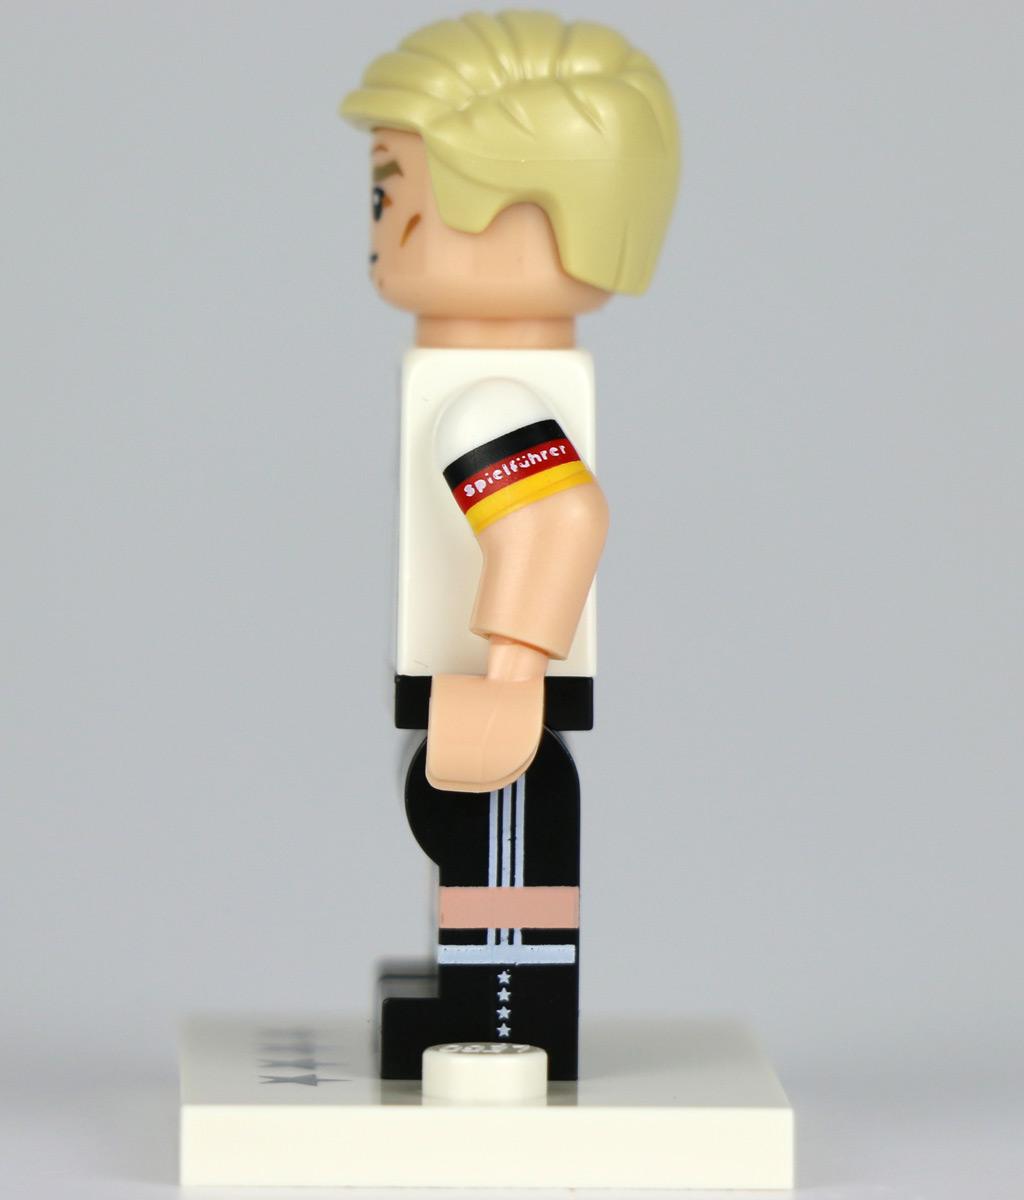 Kapitän: Bastian Schweinsteiger | © Andres Lehmann / zusammengebaut.com